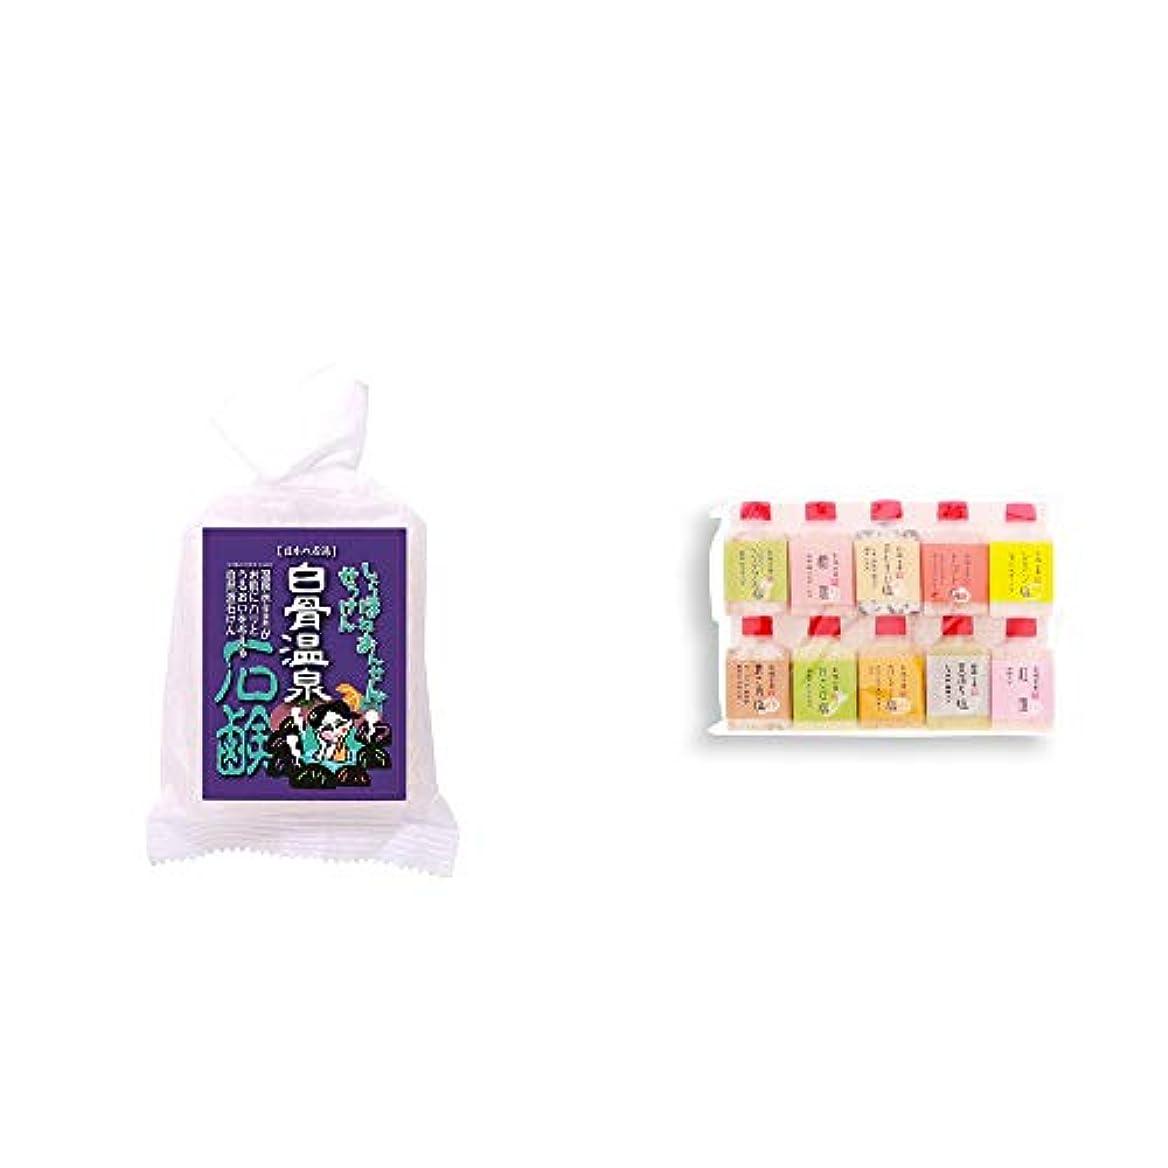 松温室エラー[2点セット] 信州 白骨温泉石鹸(80g)?塩アラカルト(10本セット)